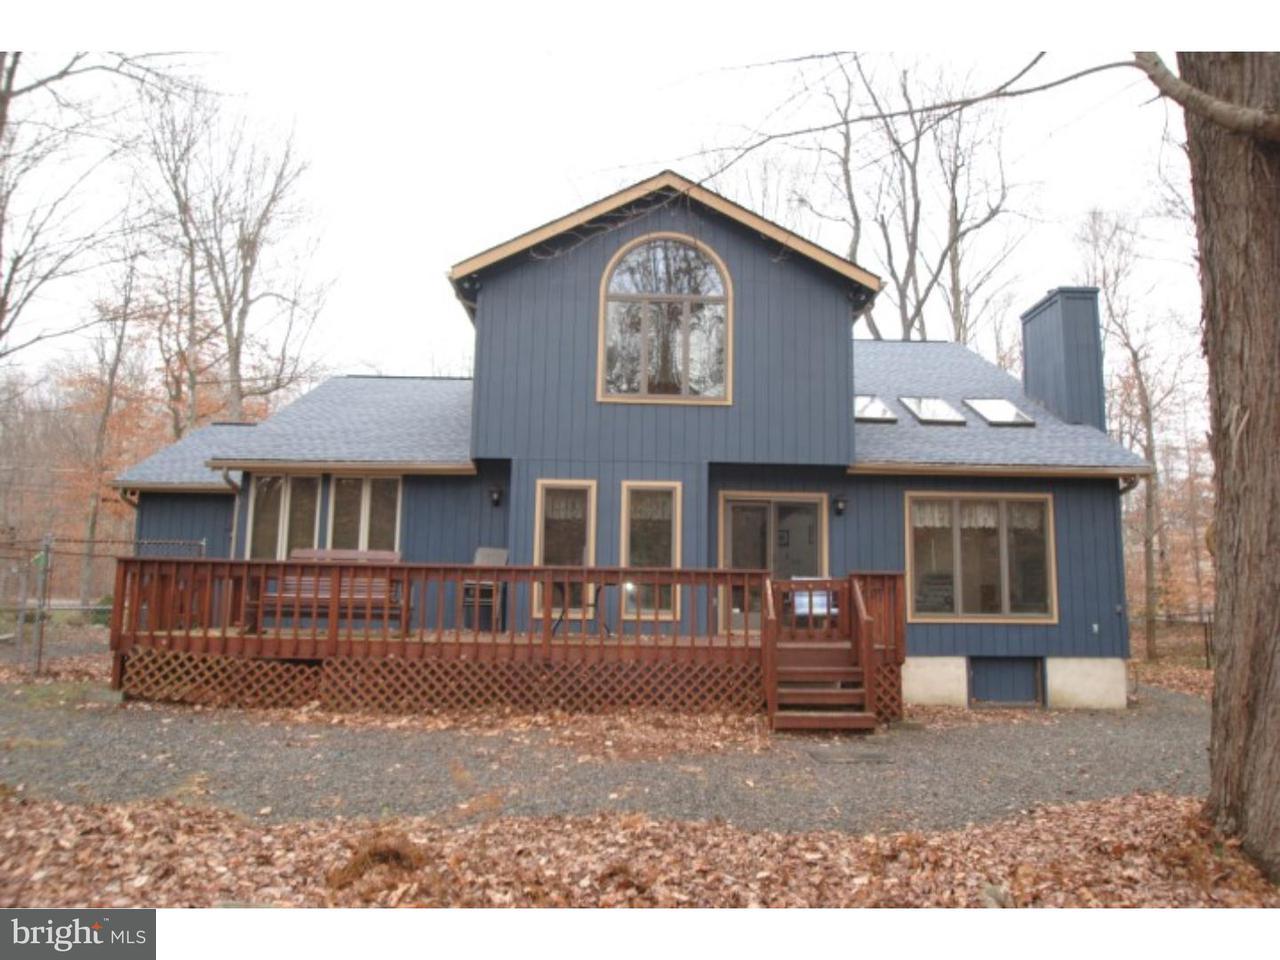 Частный односемейный дом для того Продажа на 577 MAXATAWNY Drive Pocono Lake, Пенсильвания 18347 Соединенные Штаты